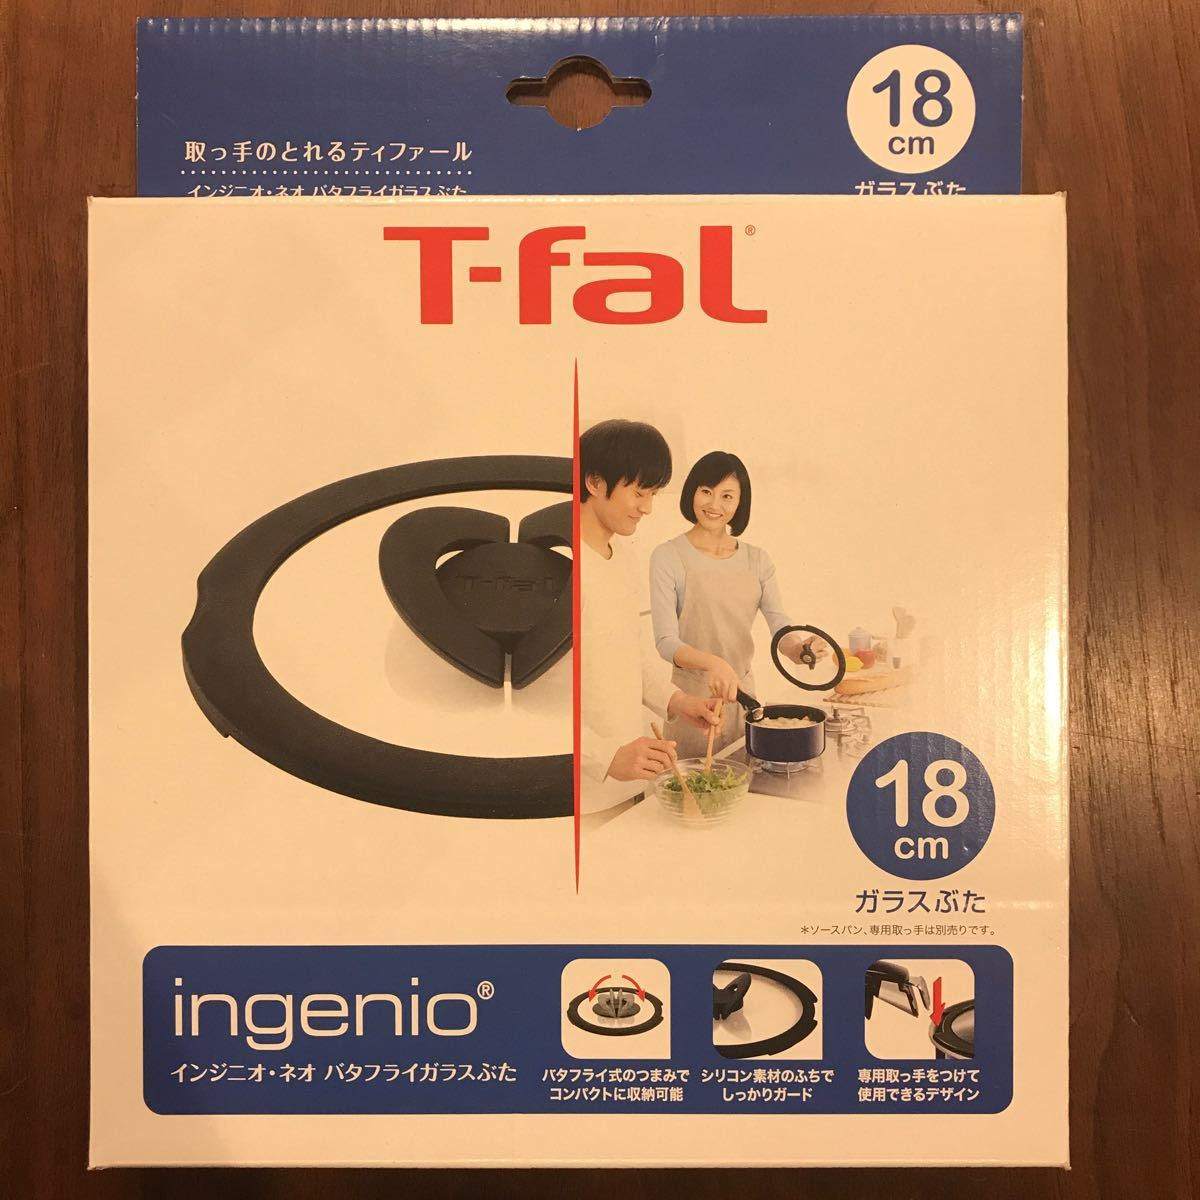 ティファール 蓋  18cm バタフライガラス ふた インジニオ・ネオ L99362 T-fal